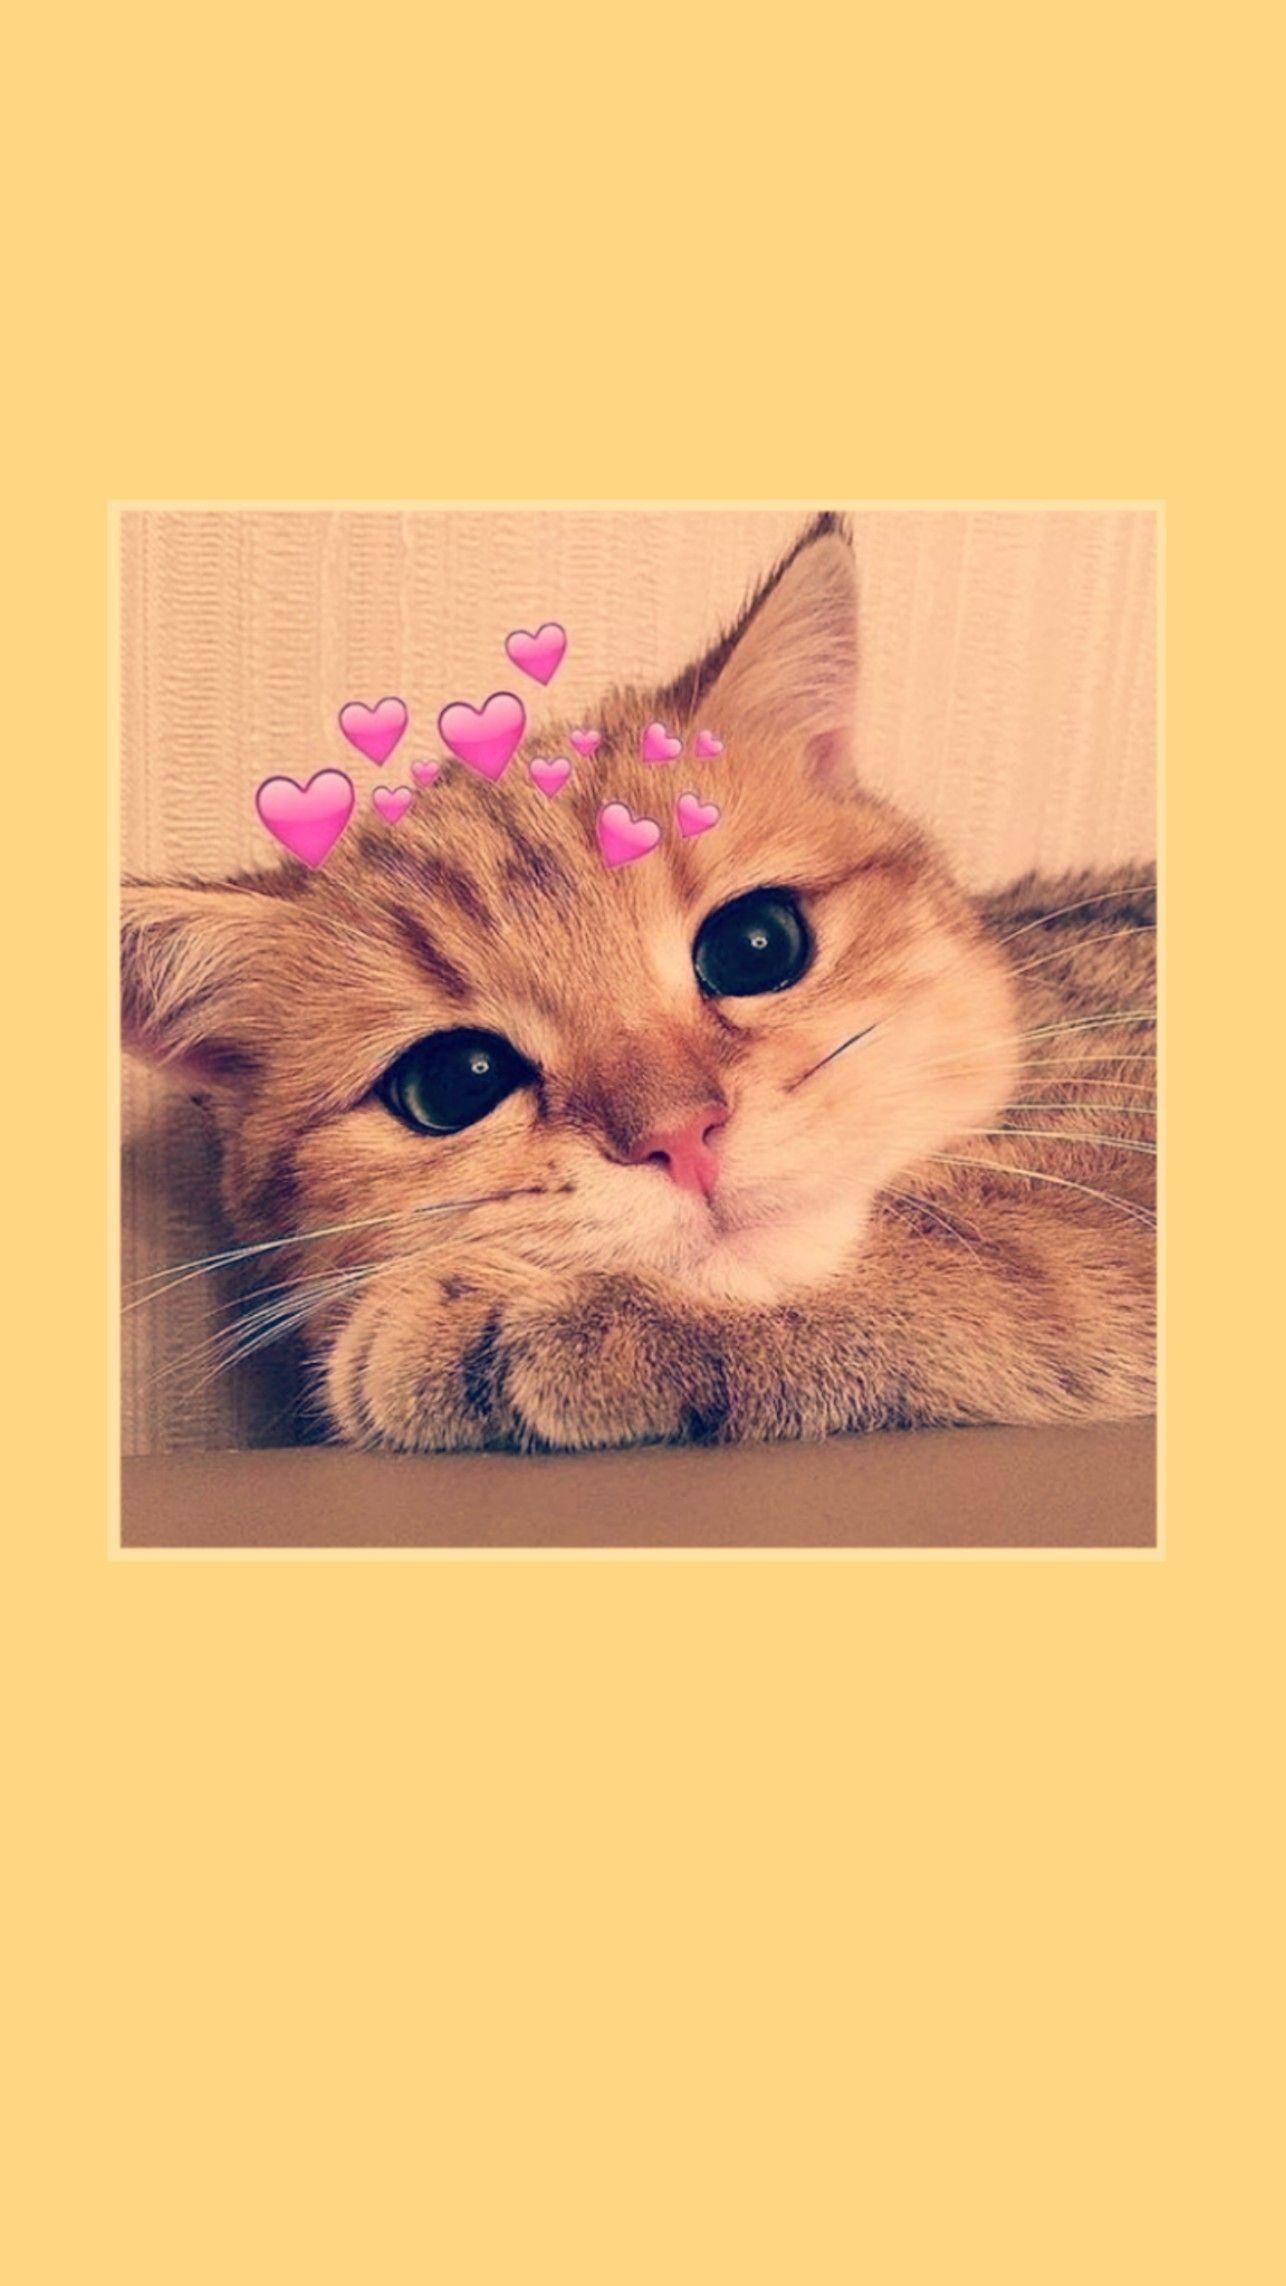 Mi favorito cutieee - Mi favorito cutieee La mejor imagen sobre diy para tu gusto